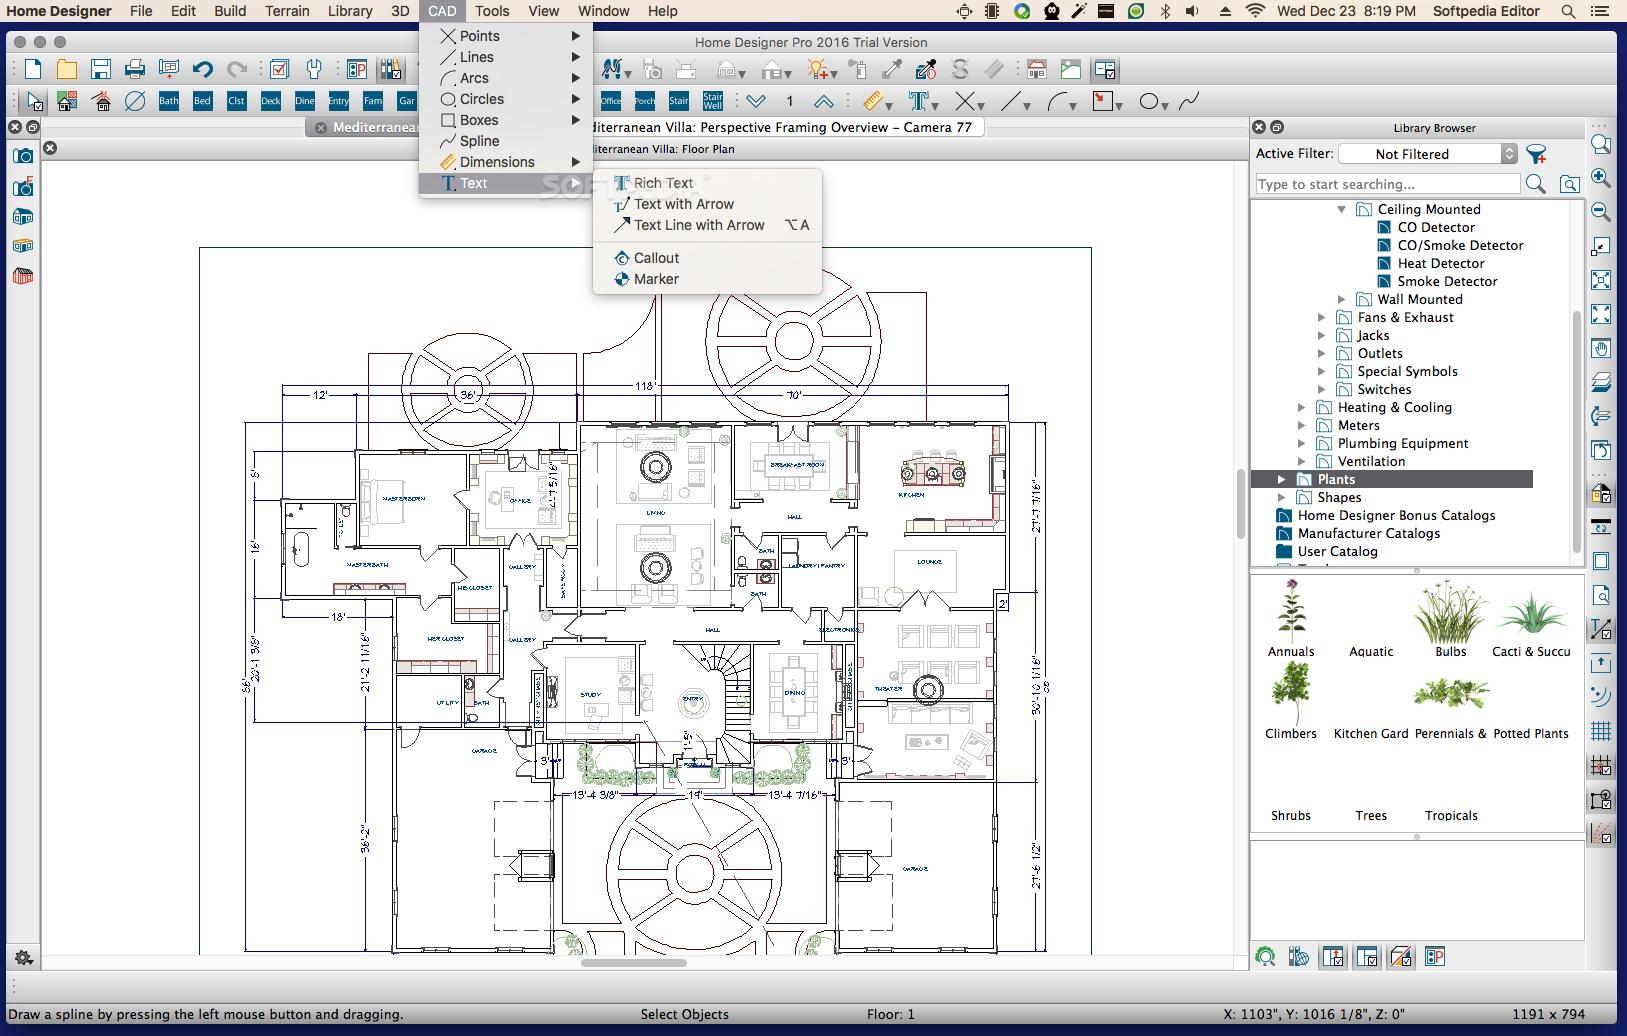 Home Designer Suite 2020.Direct Home Designer Professional 2020 V21 2 0 48 Crack